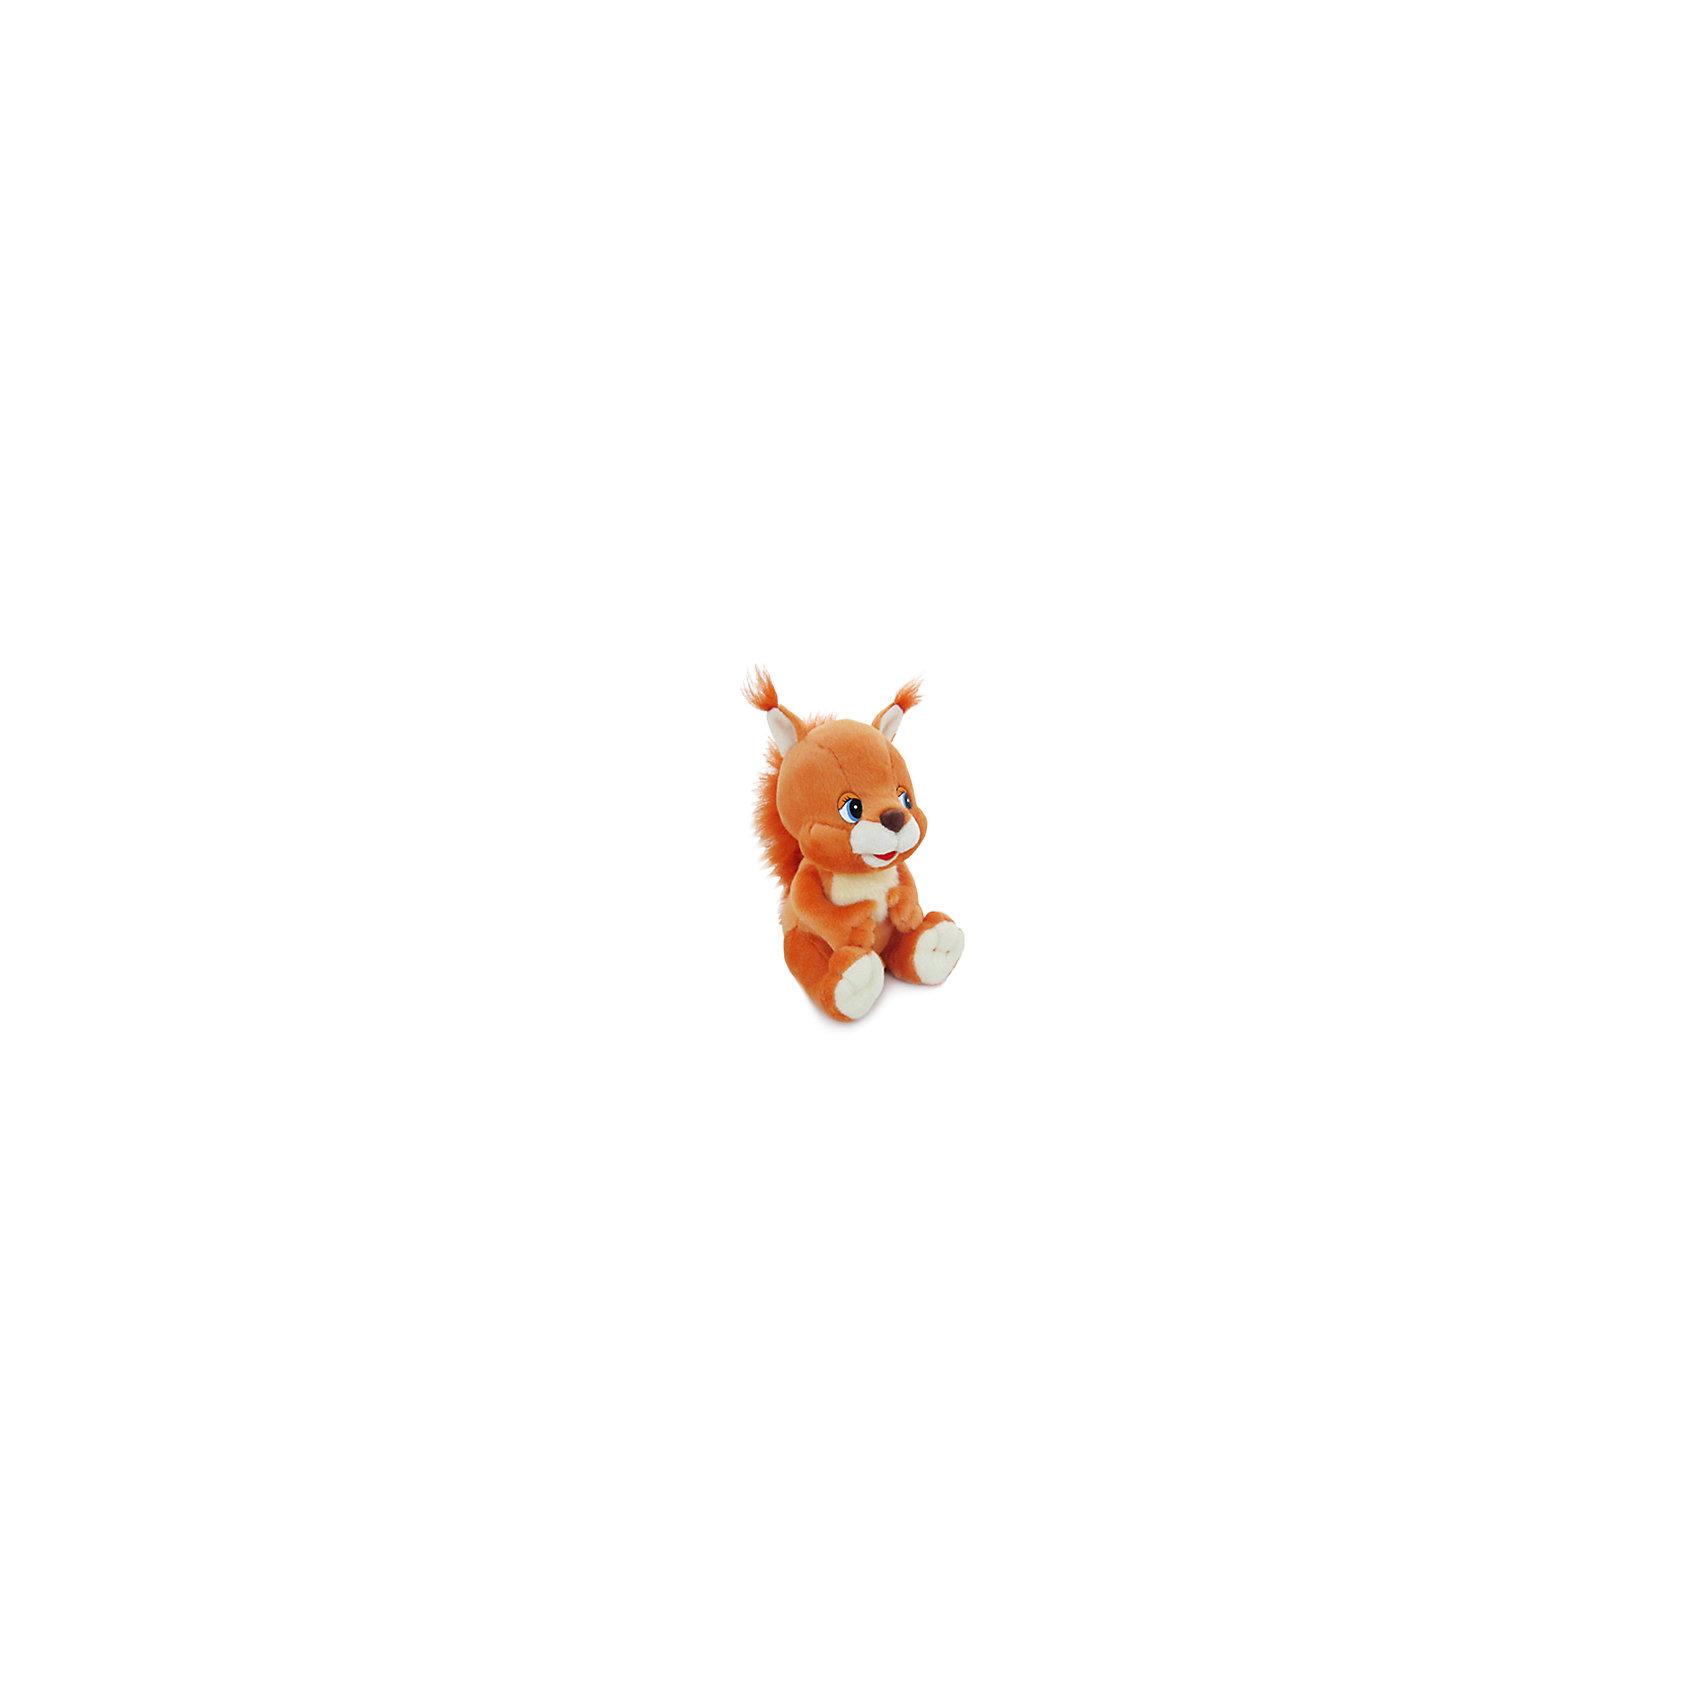 Белка музыкальная, 20 см., LAVAЗвери и птицы<br>Очаровательная рыжая белочка очень мягкая и приятная на ощупь и обязательно понравится малышам. Она споет песенку и обязательно развеселит ребенка. Игрушка выполнена из экологичных высококачественных материалов, безопасна для детей. <br><br>Дополнительная информация:<br><br>- Материал: искусственный мех, текстиль, синтепон, пластик.<br>- Высота: 20 см. <br>- Поет песенку <br>- Элемент питания: батарейка (в комплекте).<br><br>Белку музыкальную, 20 см., LAVA (ЛАВА) можно купить в нашем магазине.<br><br>Ширина мм: 150<br>Глубина мм: 150<br>Высота мм: 200<br>Вес г: 215<br>Возраст от месяцев: 36<br>Возраст до месяцев: 1188<br>Пол: Унисекс<br>Возраст: Детский<br>SKU: 4444129